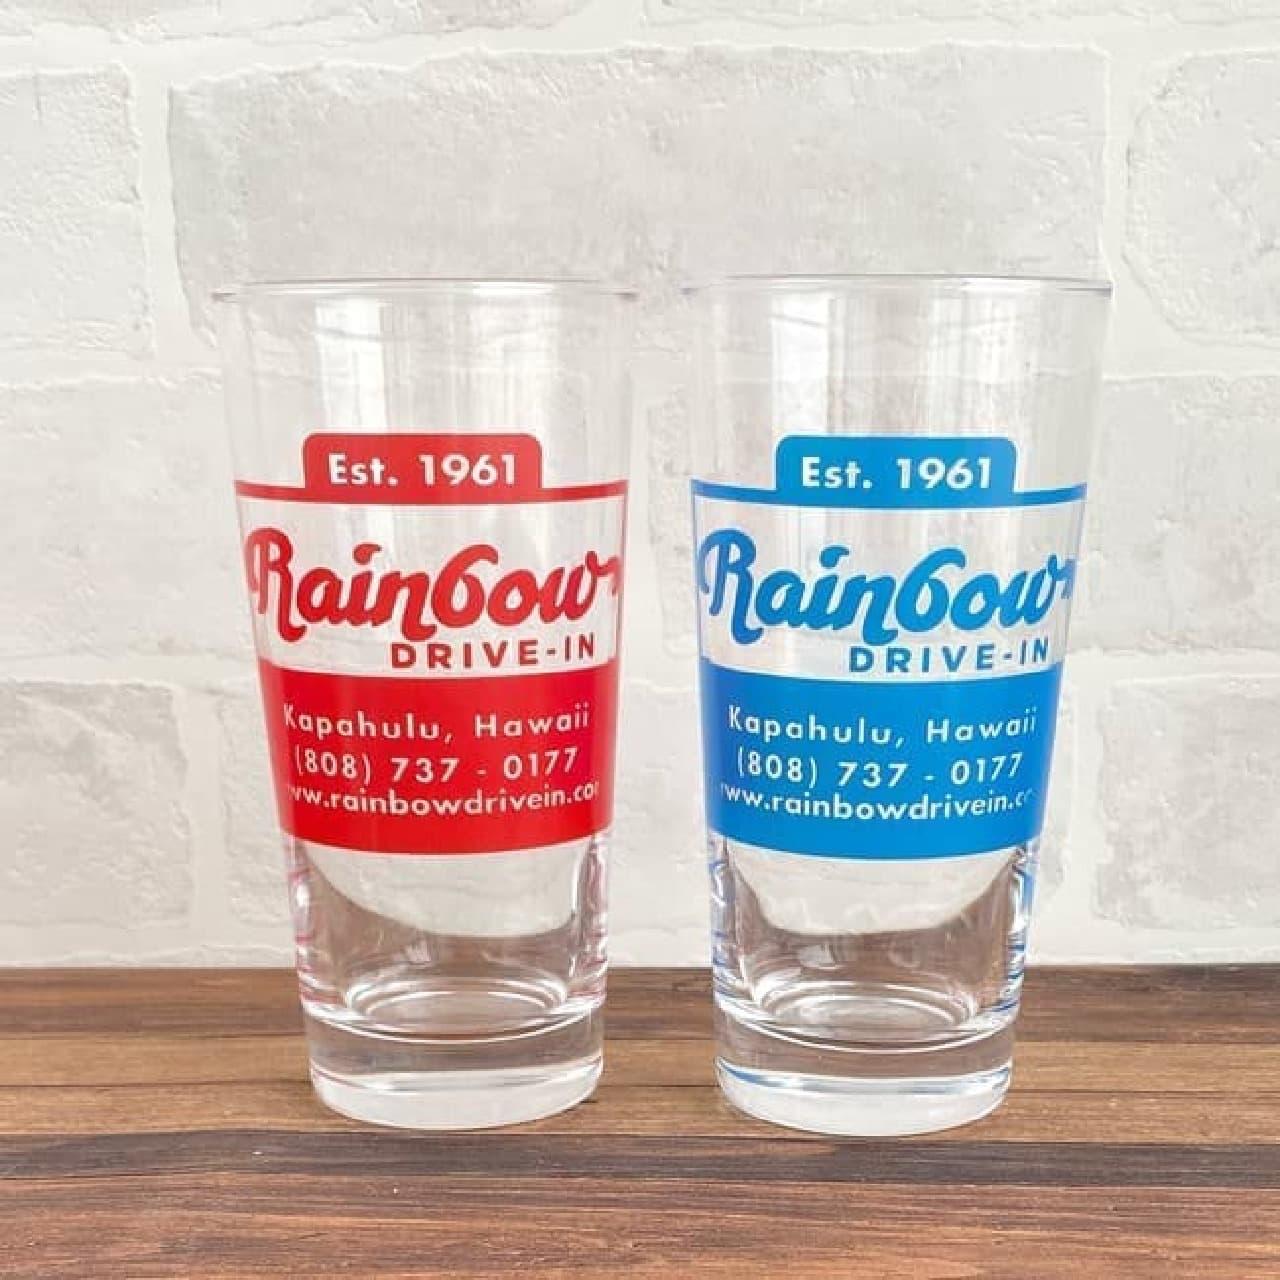 ハワイ人気店「Rainbow Drive-In」アイテムがPLAZAに -- カラフルなマグカップ・トートバッグなど